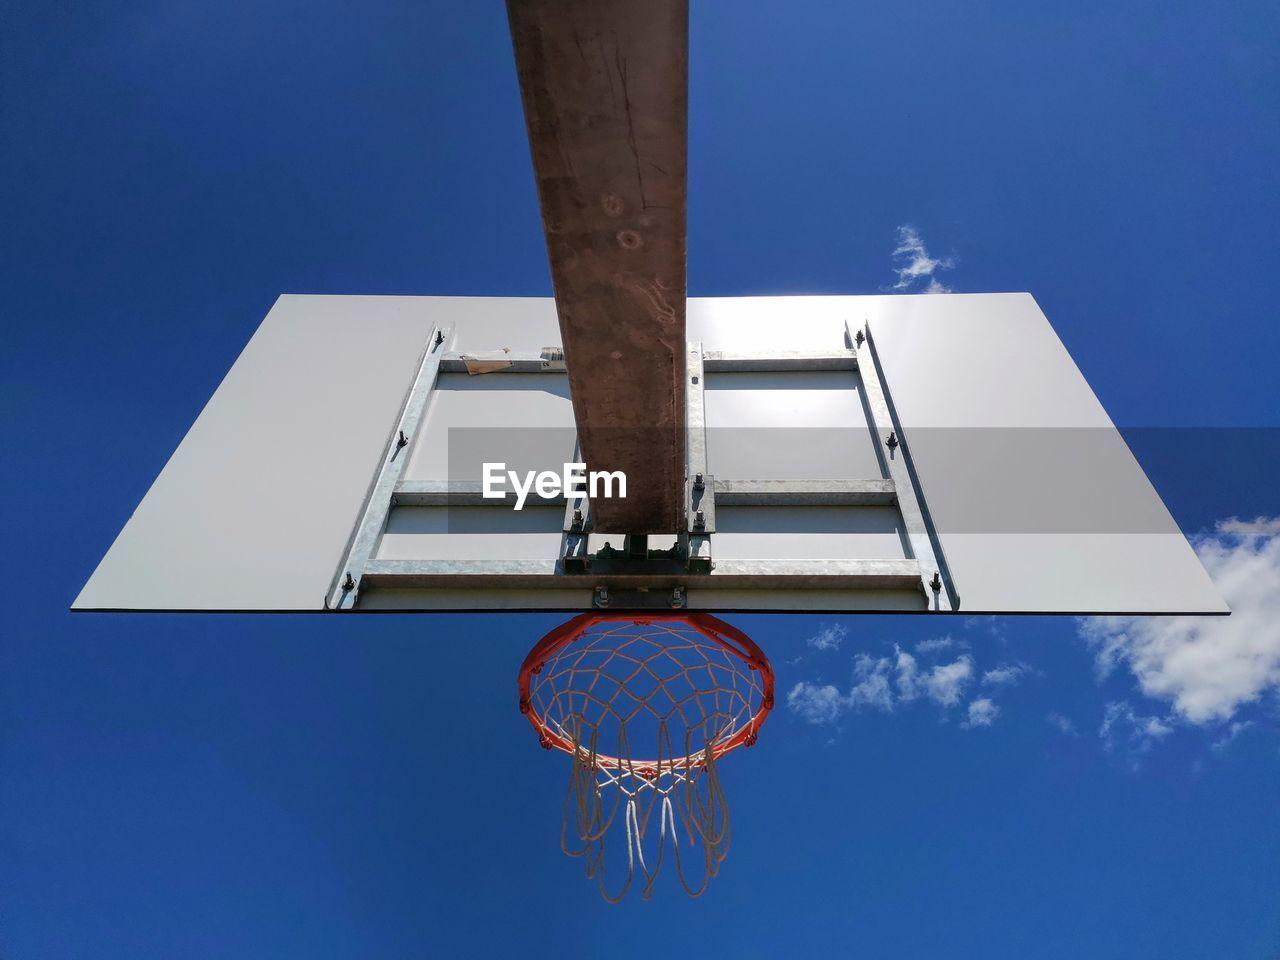 DIRECTLY BELOW SHOT OF BASKETBALL HOOP AGAINST BLUE SKY